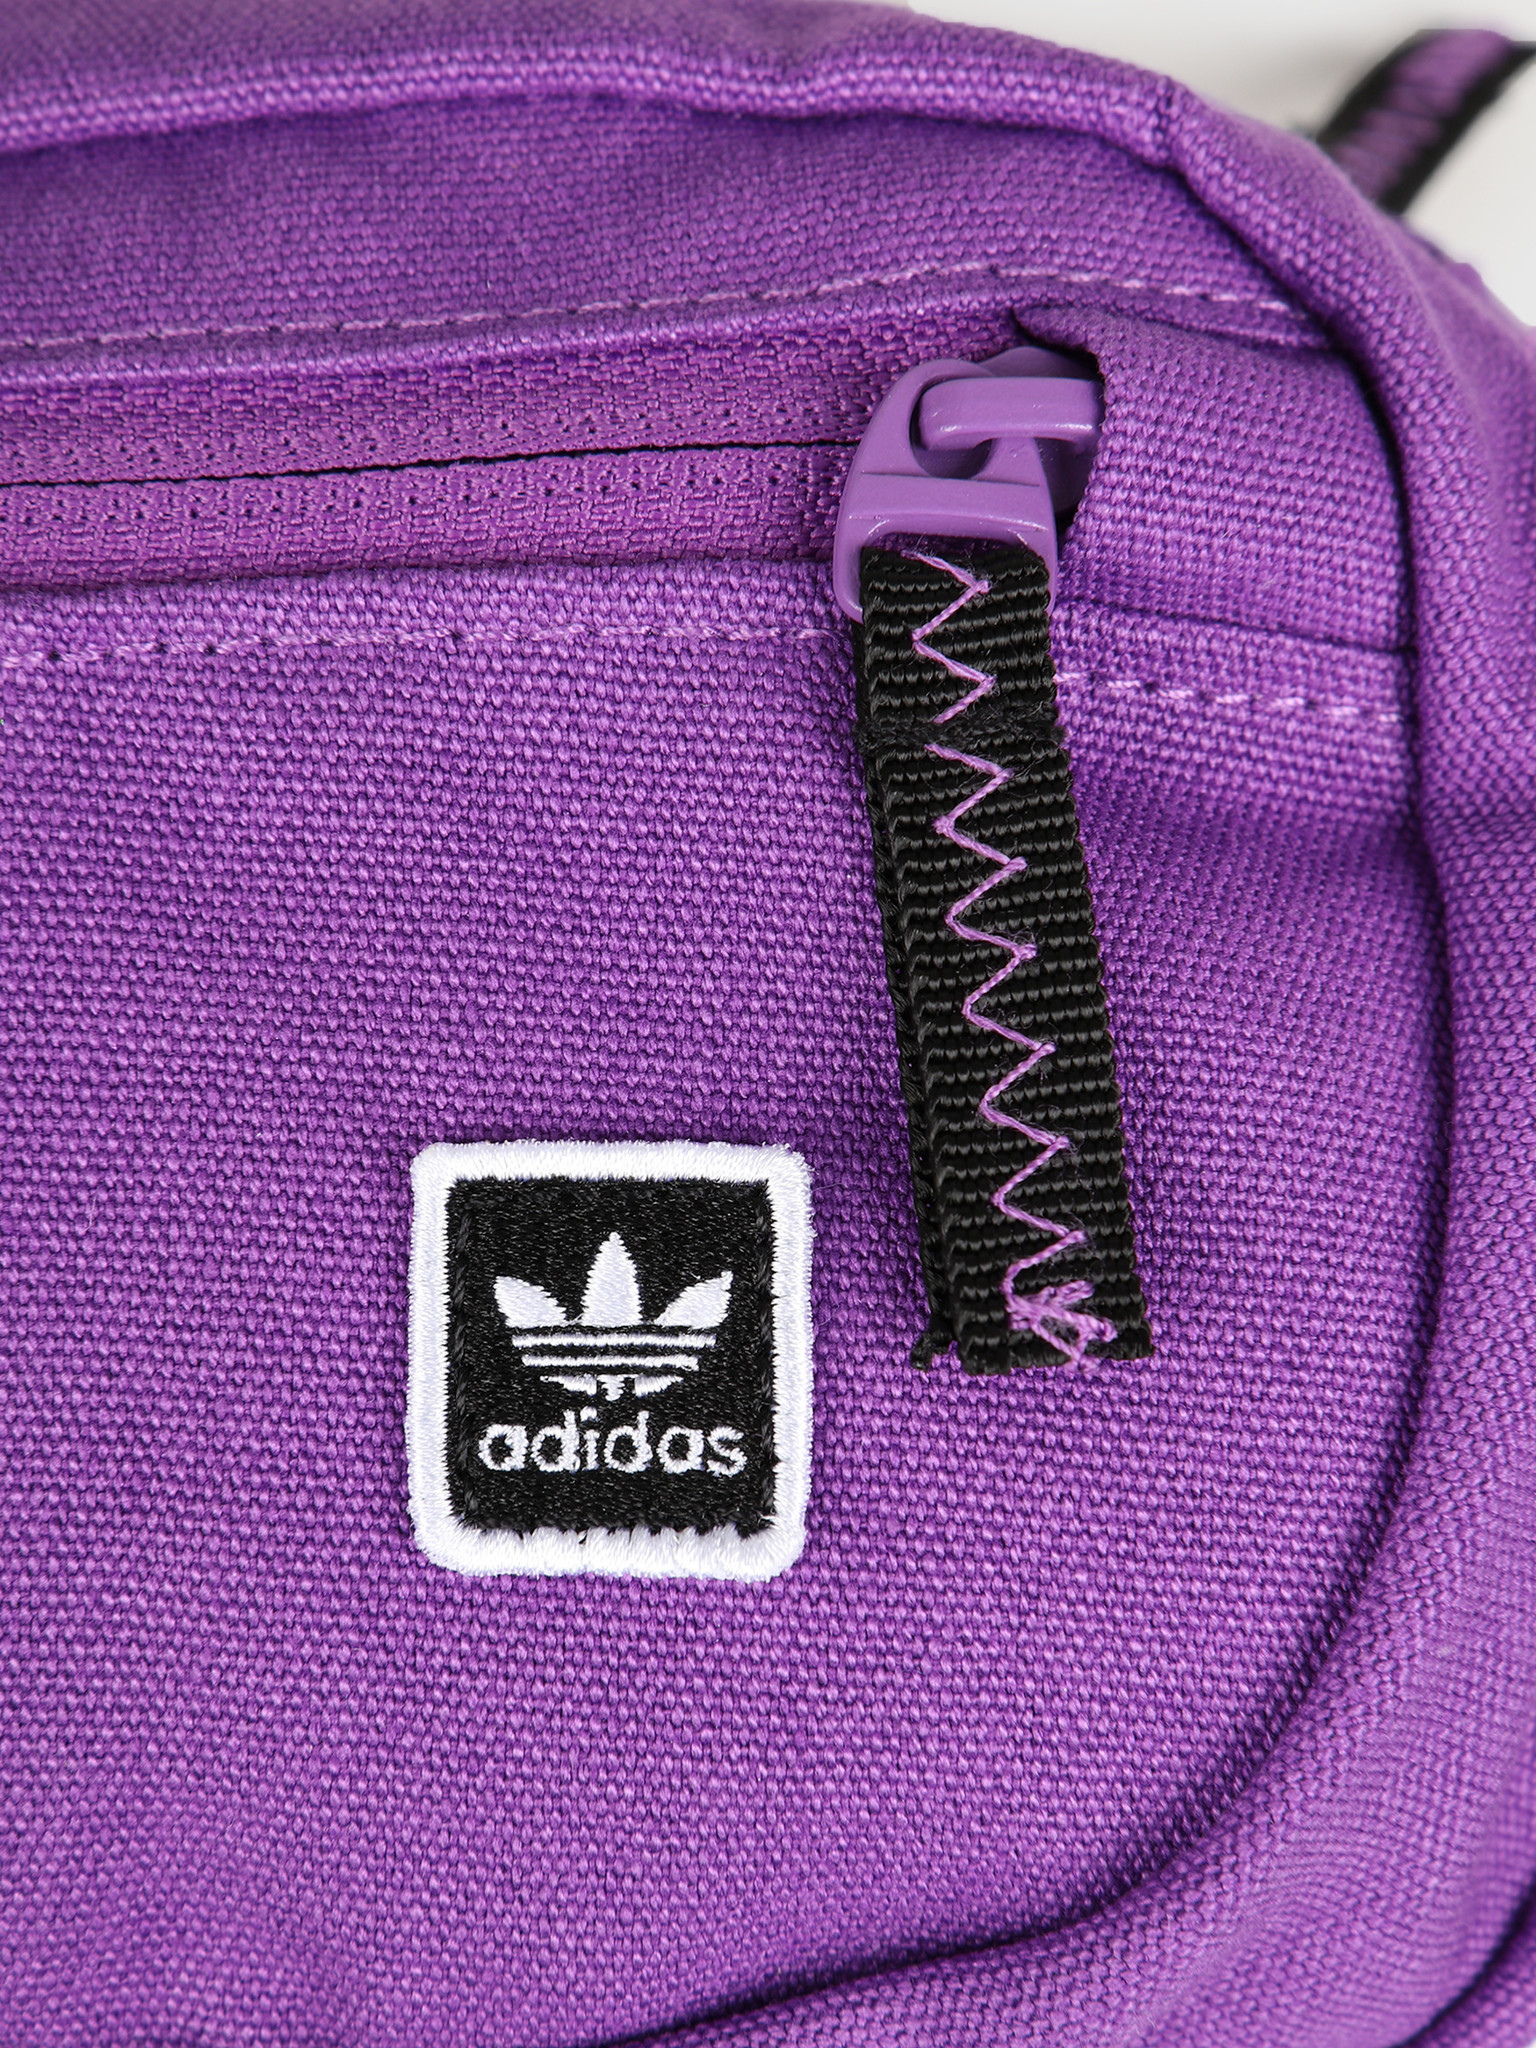 adidas adidas Hipbag AcTrackpantur DU8297